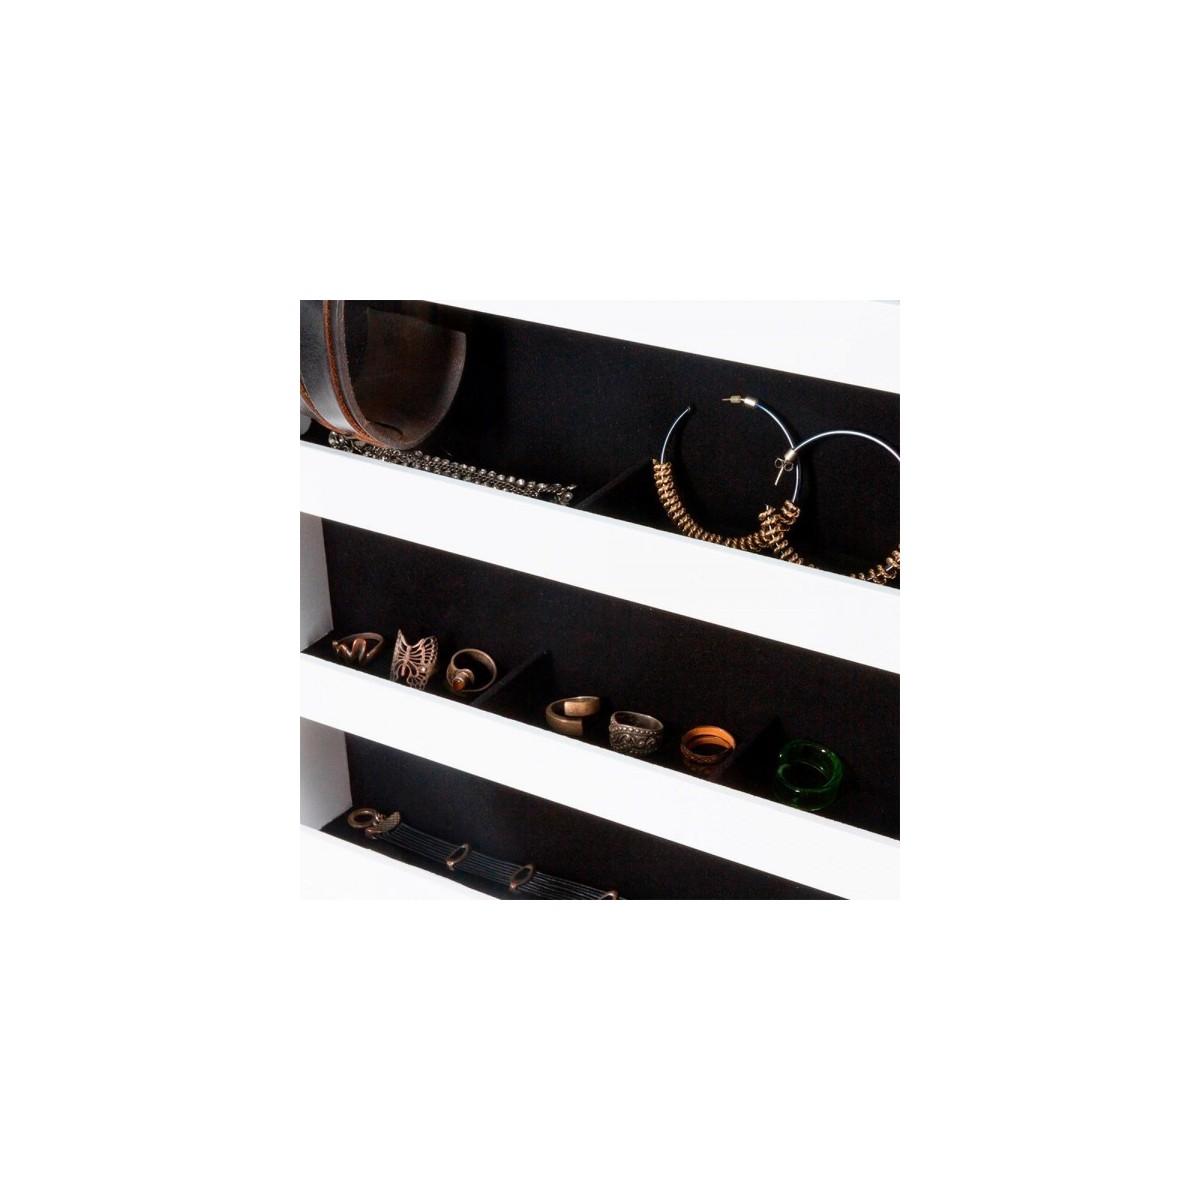 Mueble Giratorio Con Organizador Y Espejo : Mueble con espejo y joyero pedestal organizador cajonera